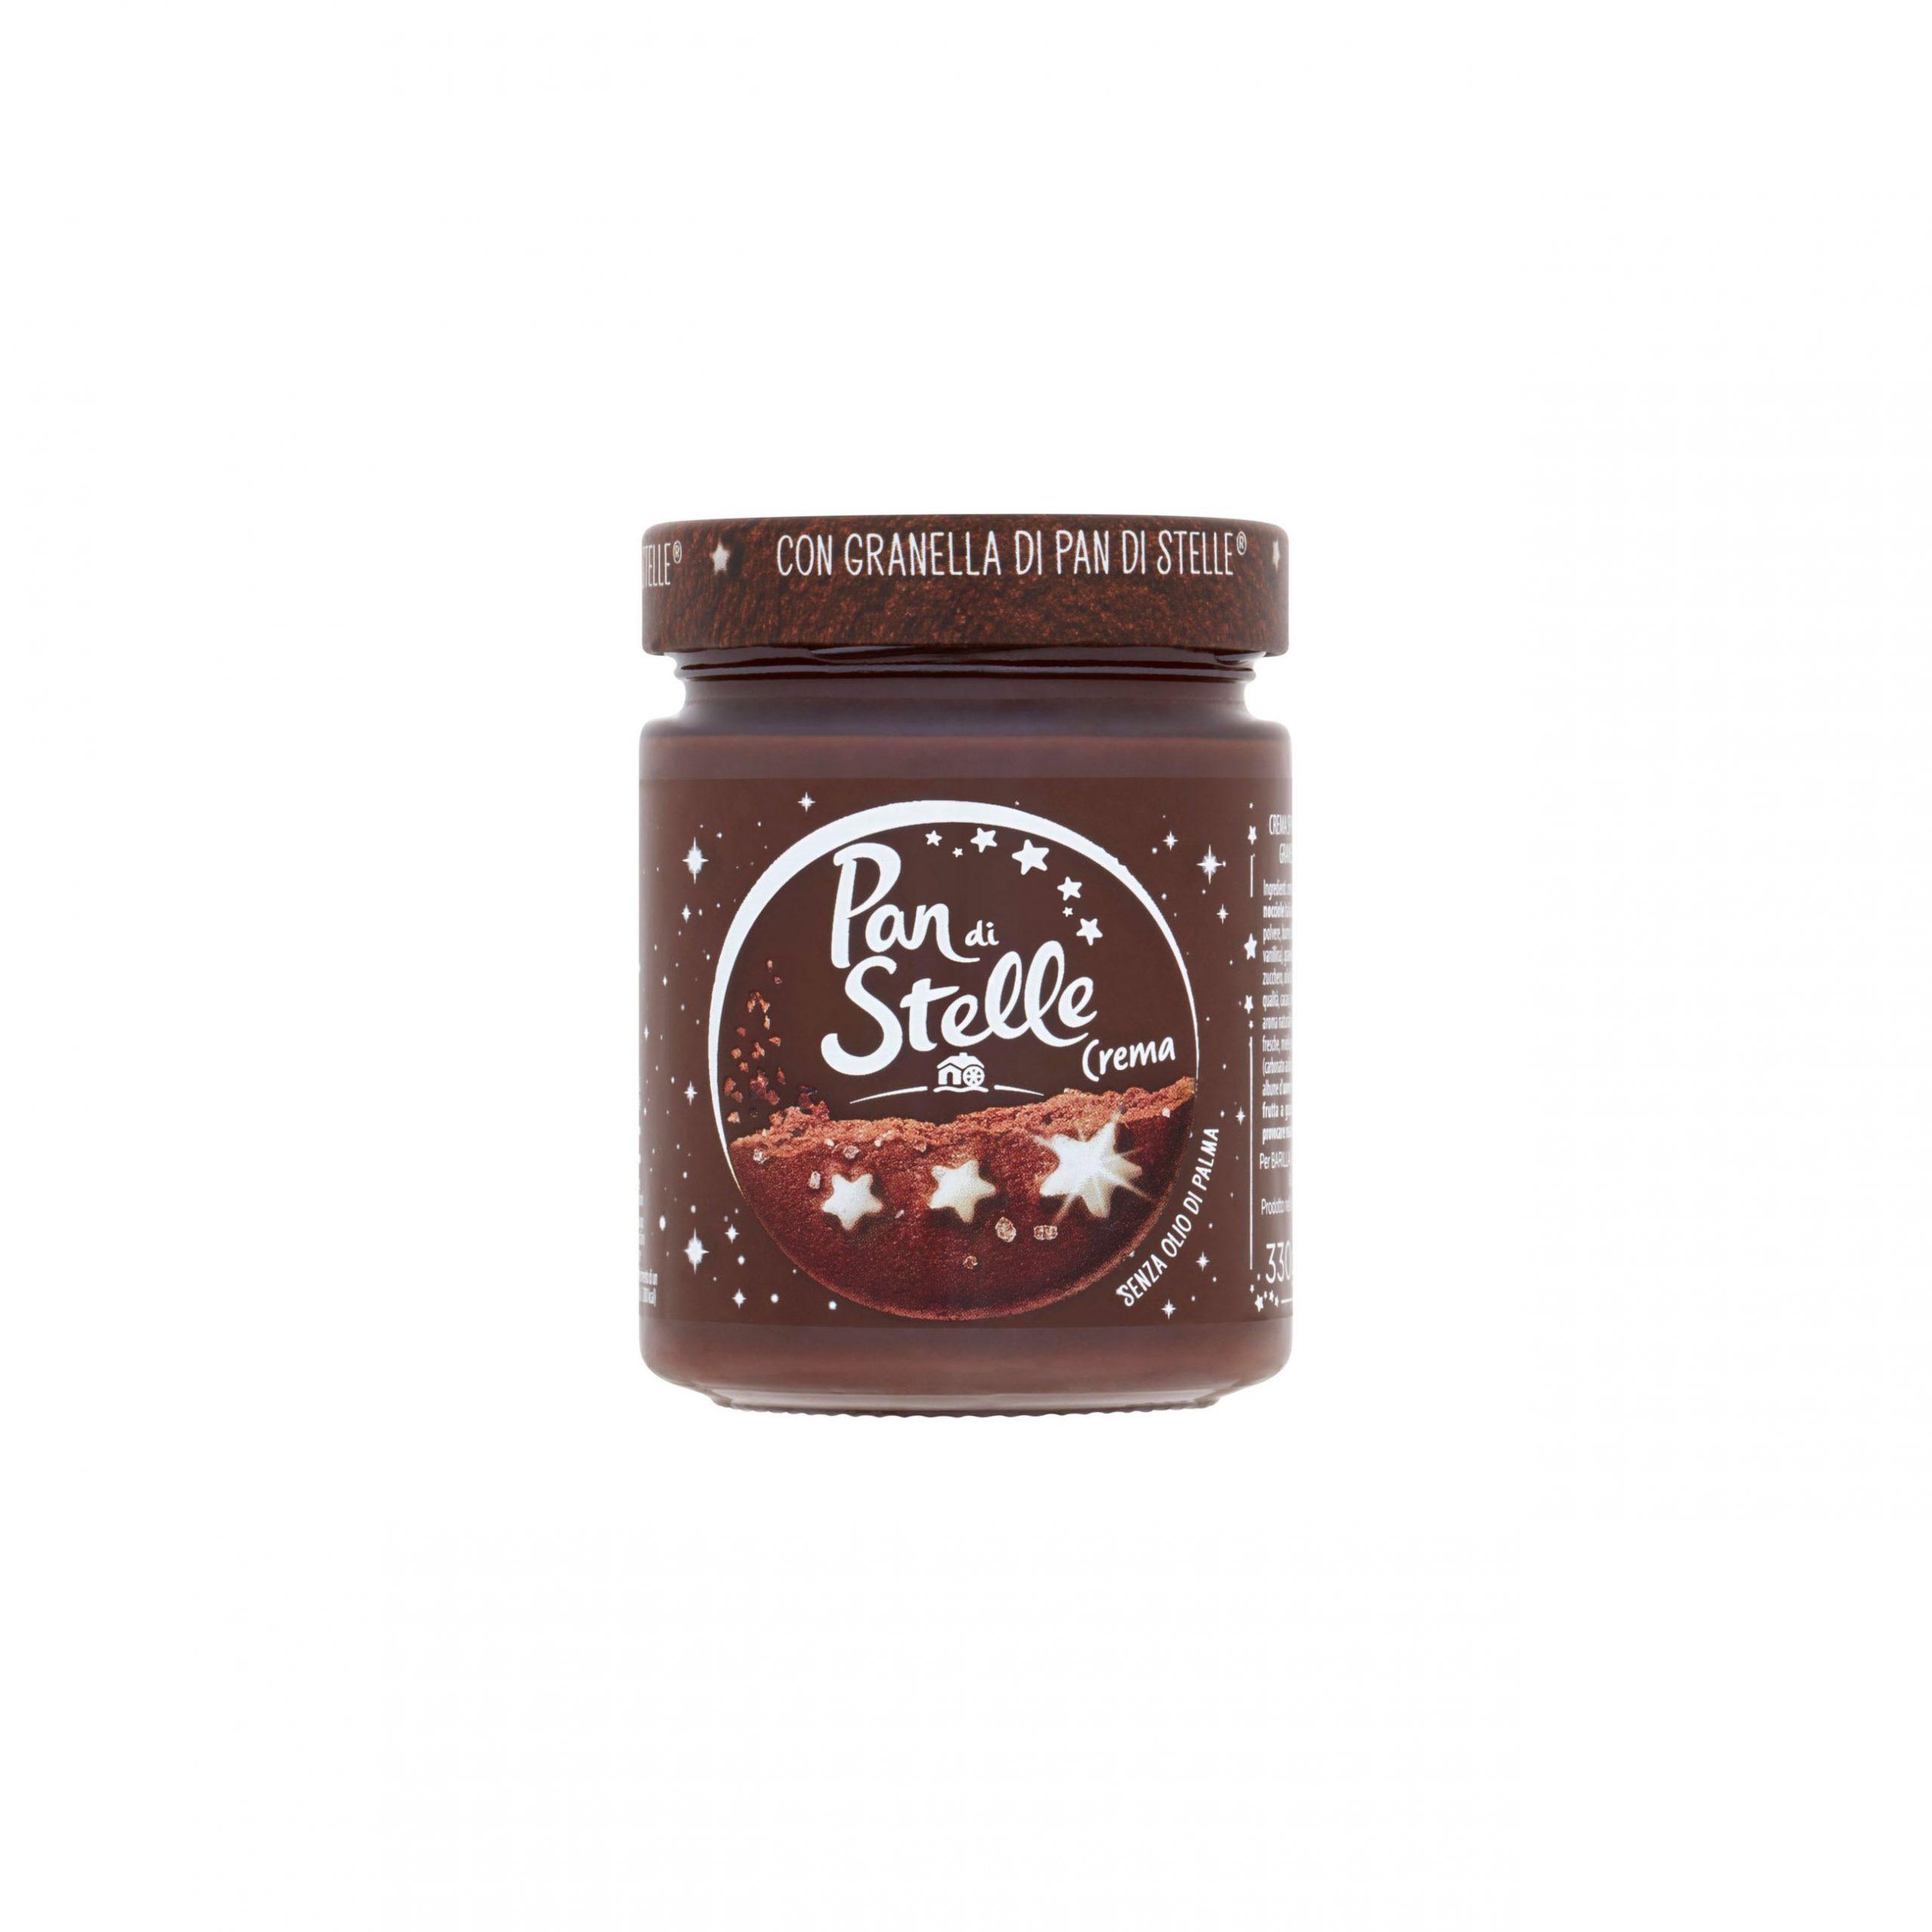 Pan di Stelle Cream | Cocoa & Hazelnut Spread by Mulino Bianco